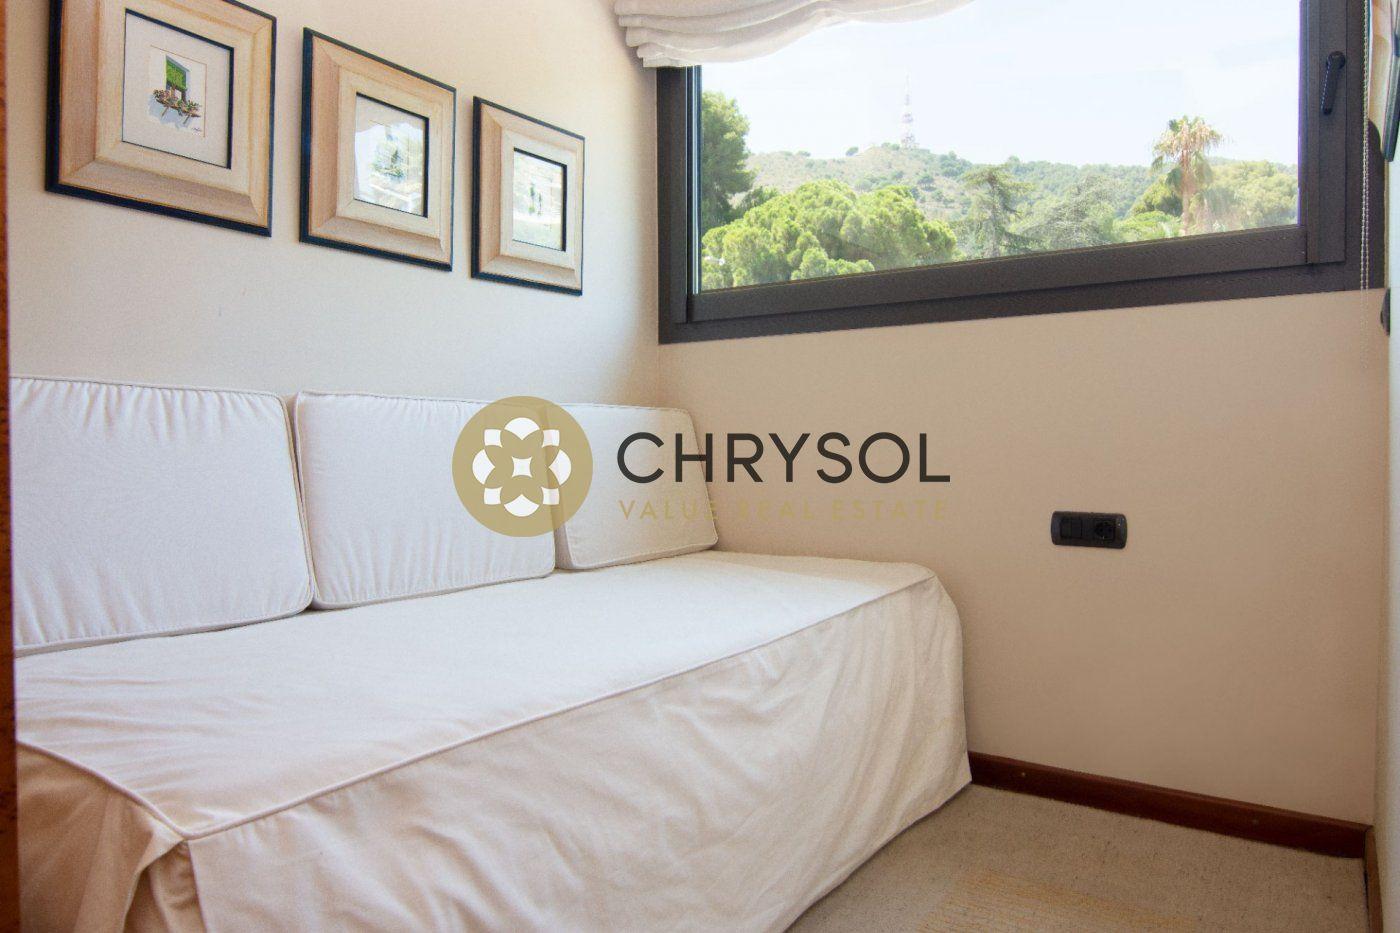 Fotogalería - 42 - Chrysol Value